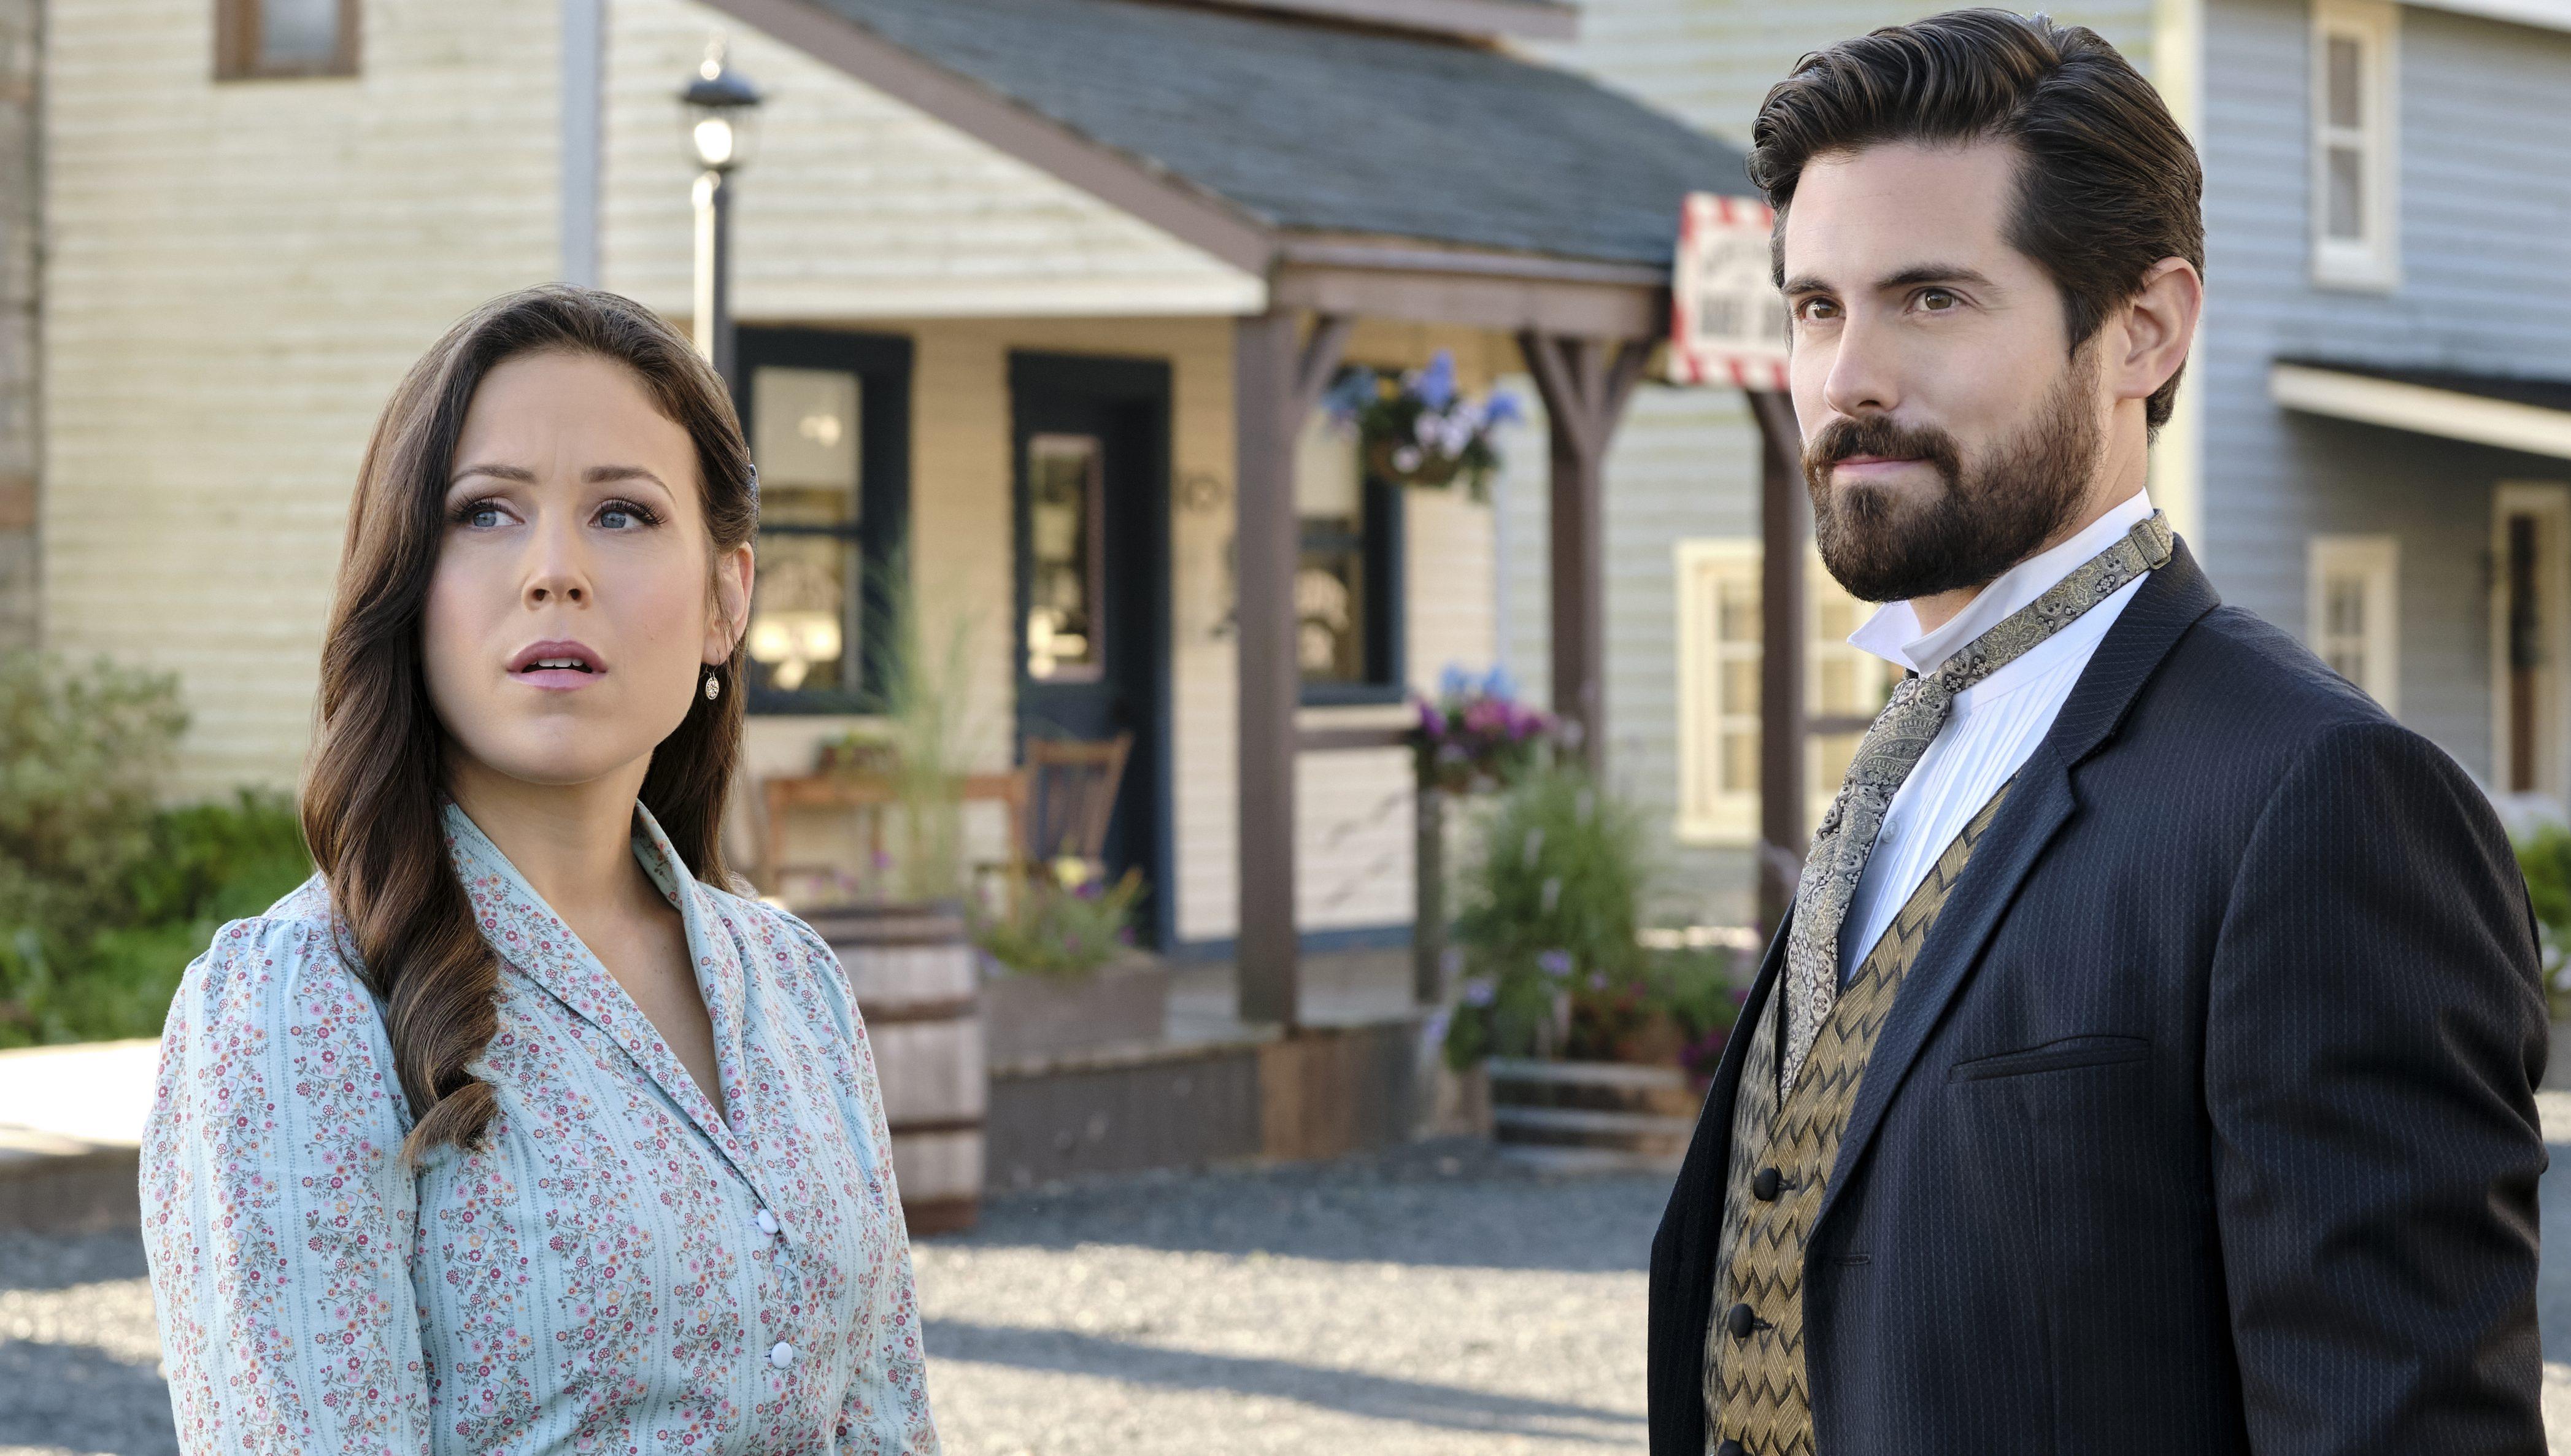 WATCH: New WCTH Sneak Peek Shows Tense Elizabeth & Lucas Moment